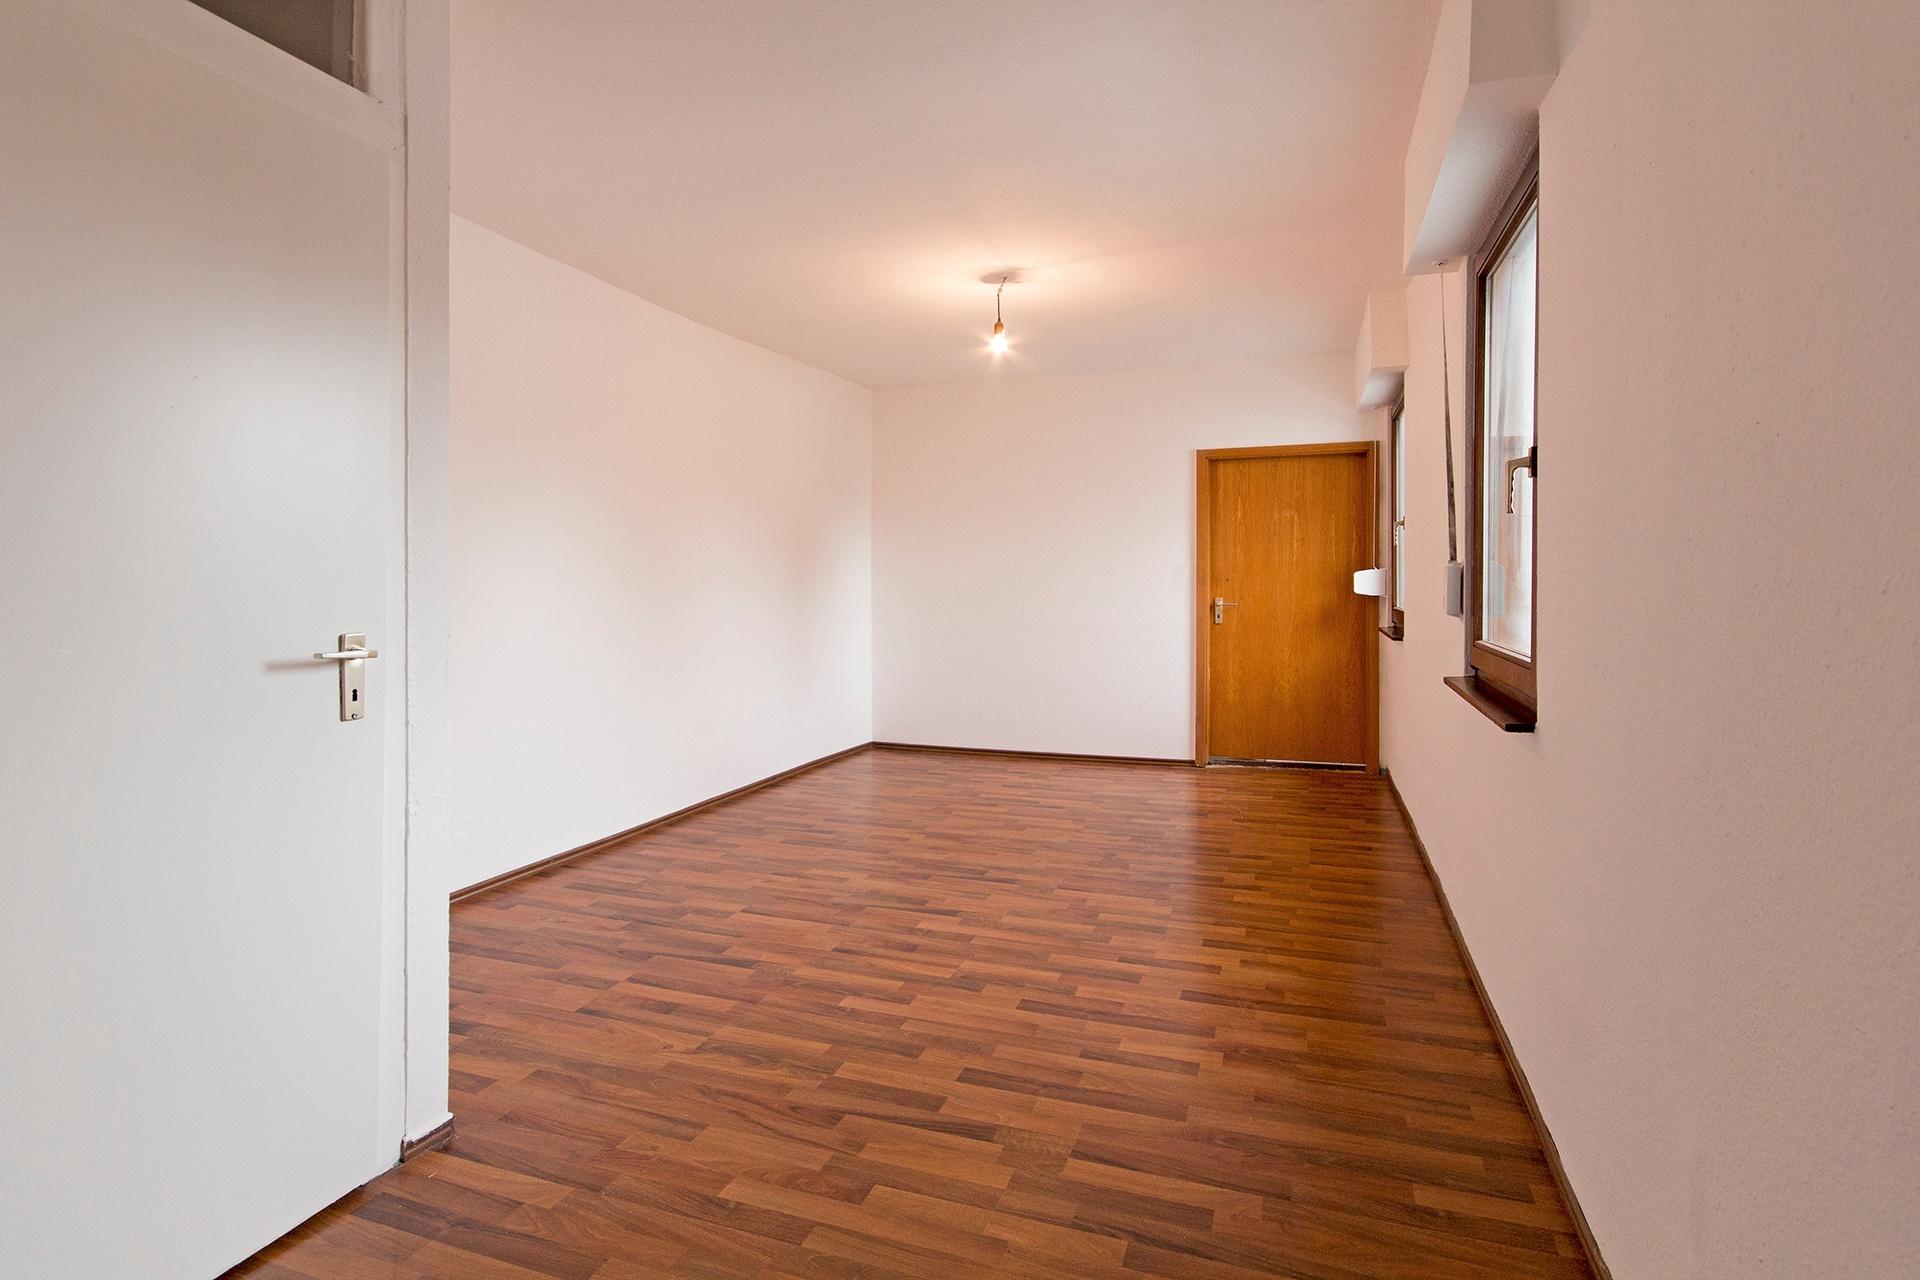 Immobilienmakler Eschweiler Haus referenzen mit Immobilienbewertung